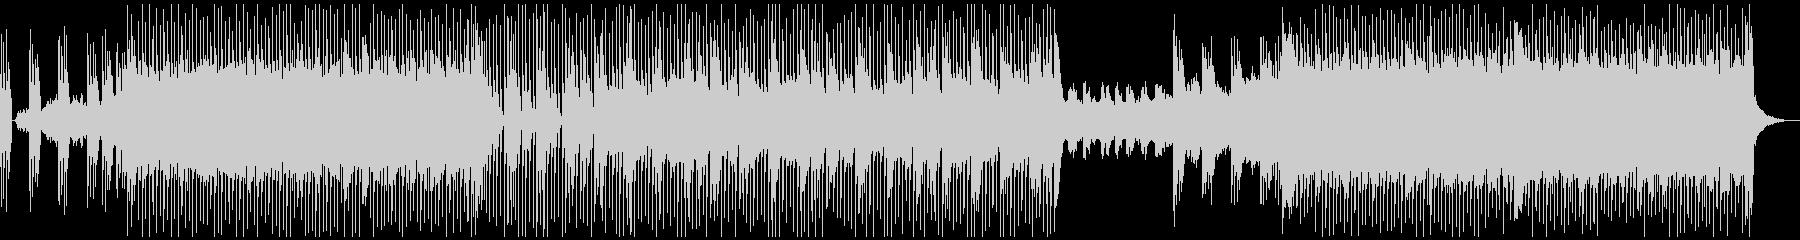 シンセサイザーメインのレトロなBGMですの未再生の波形